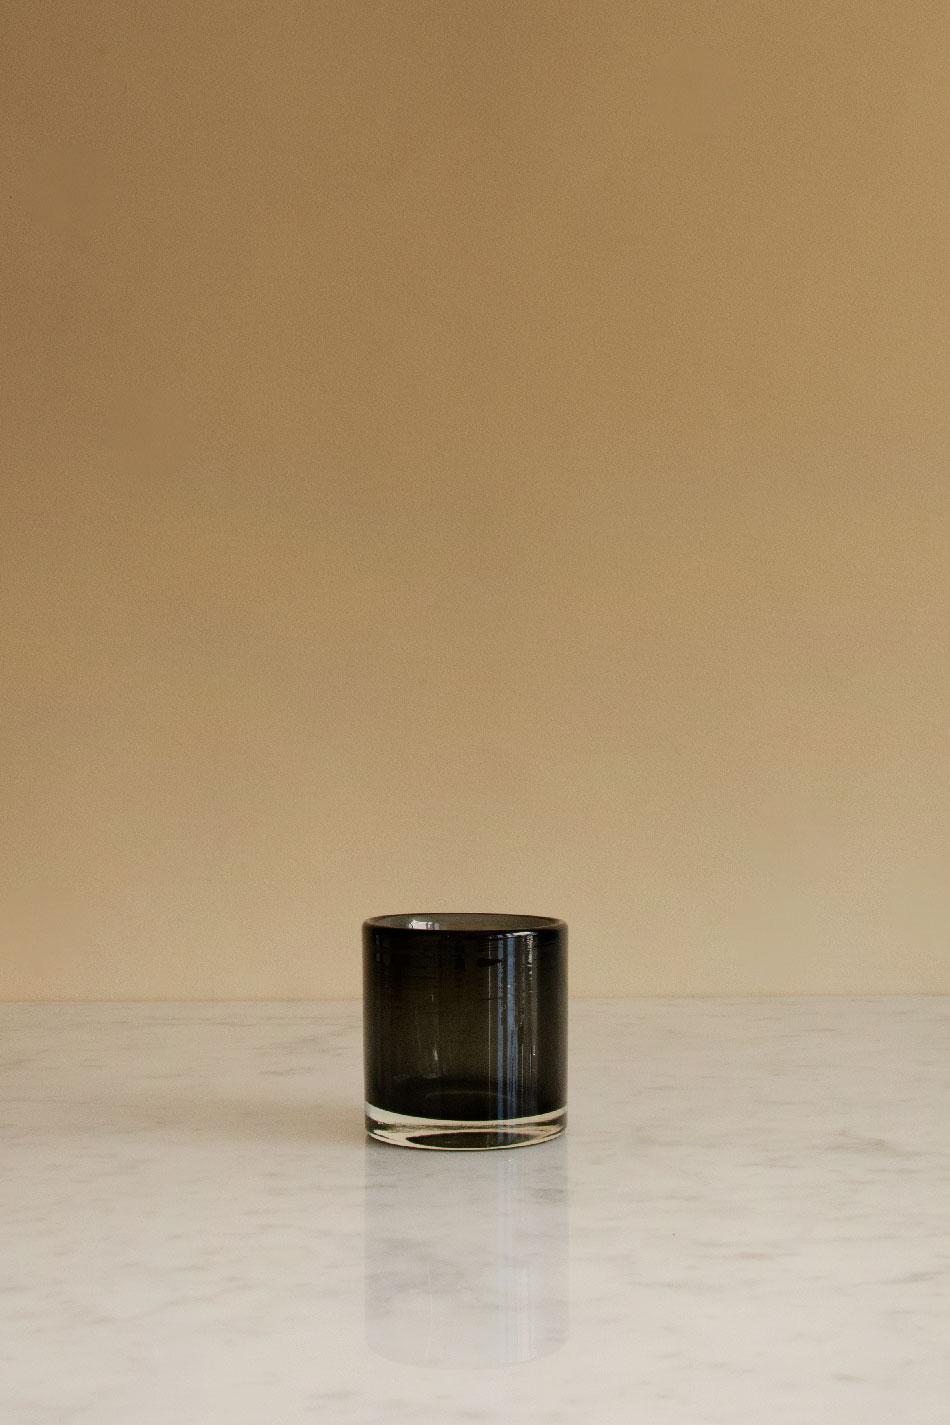 JUJD Ljushållare Black Small